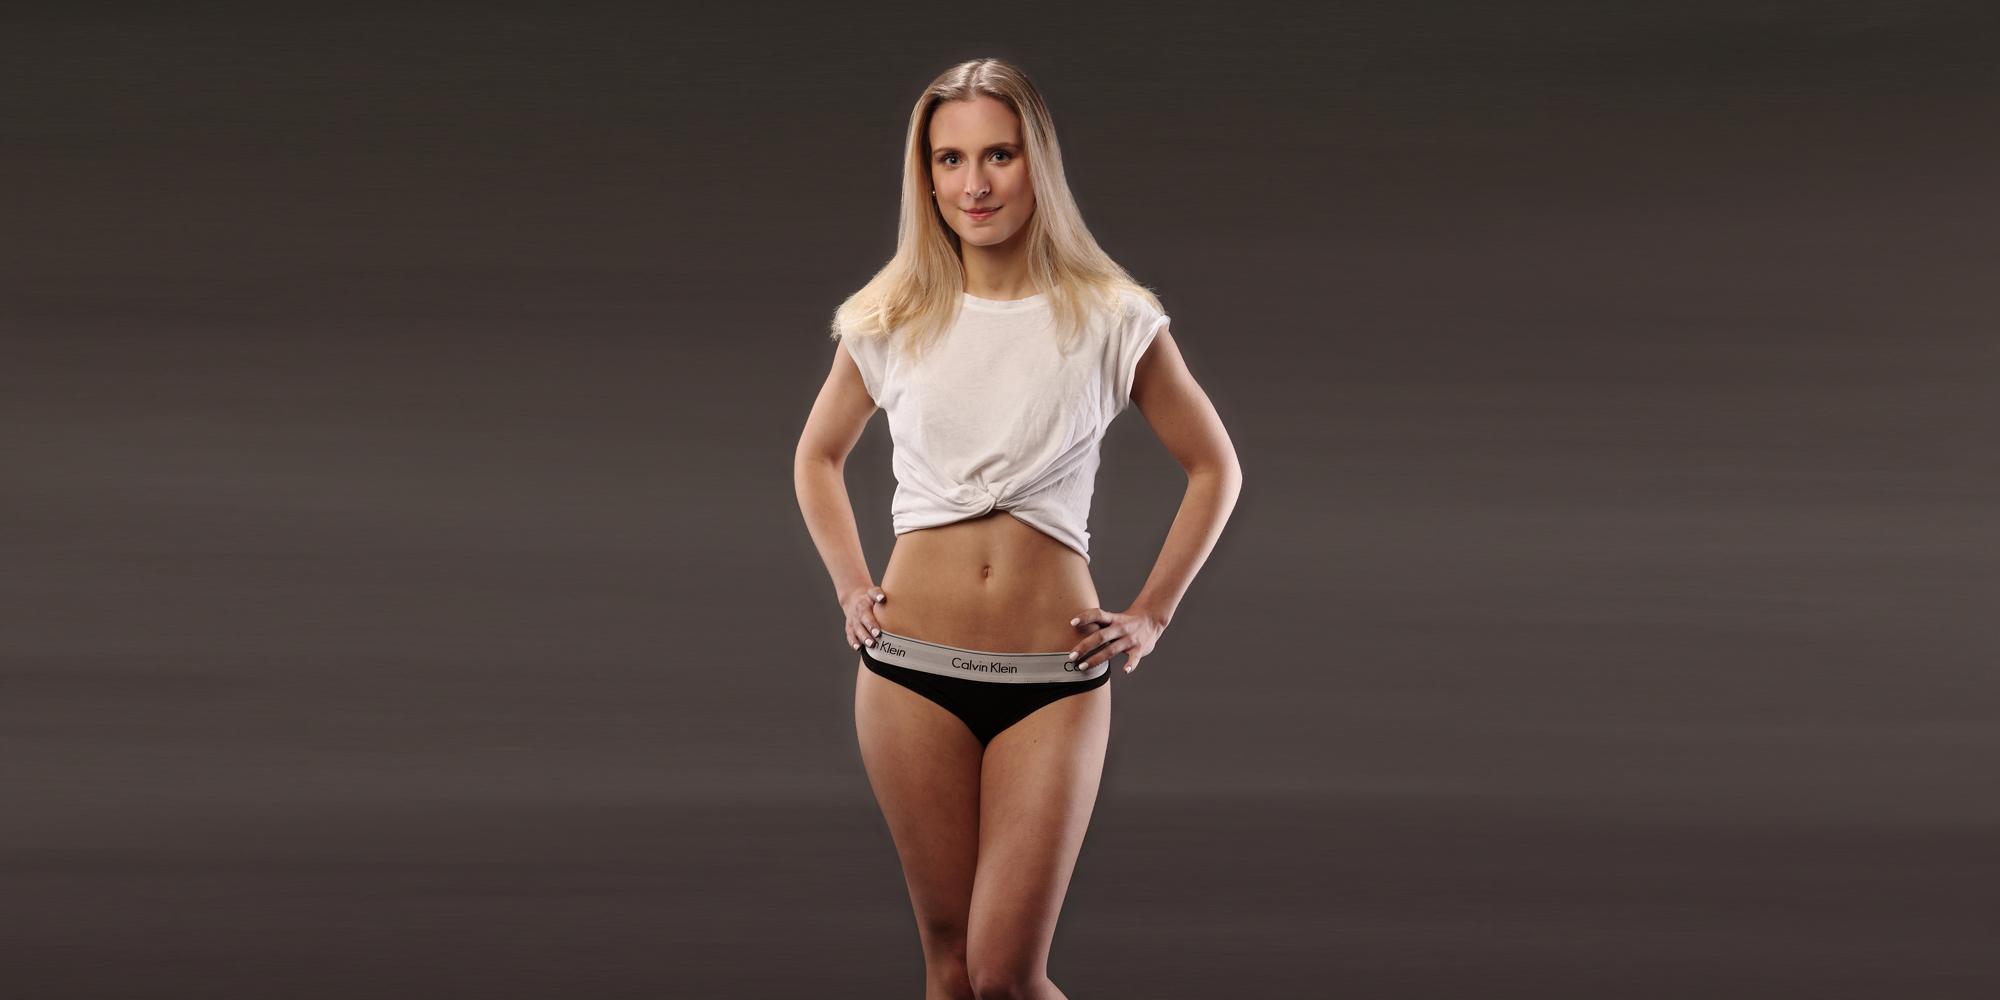 Frontportrait in Farbe eines jungen, blonden Frau in sportlicher Unterwäsche und Top, die selbstbewusst ihre Hände auf der Hüfte ablegt.